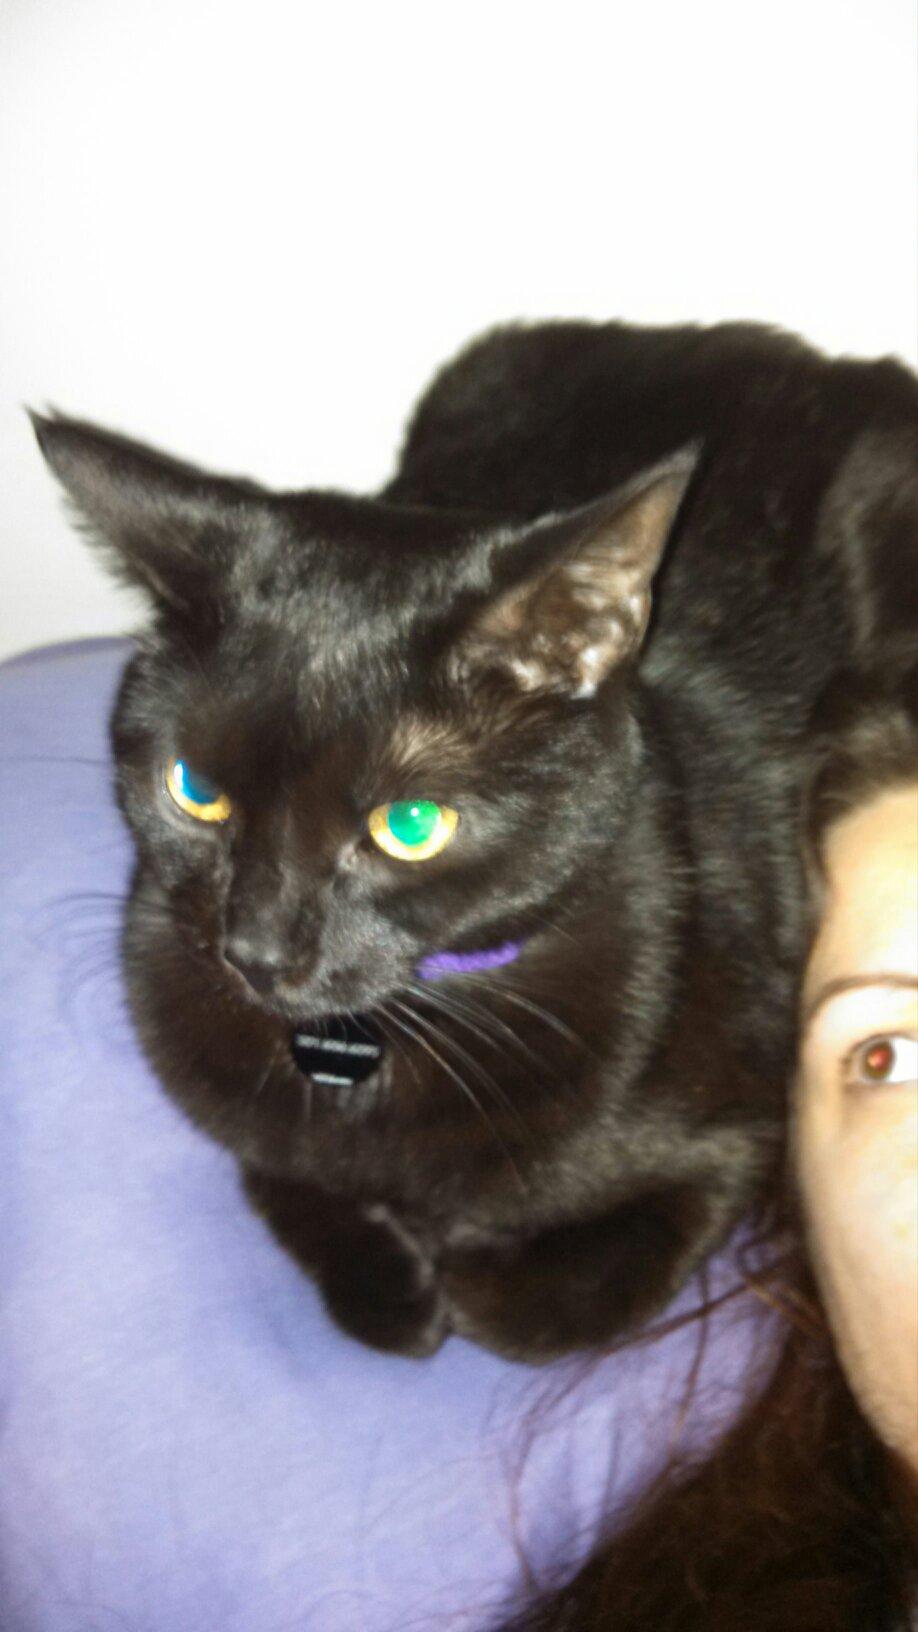 Human Uses Cat As Pillow